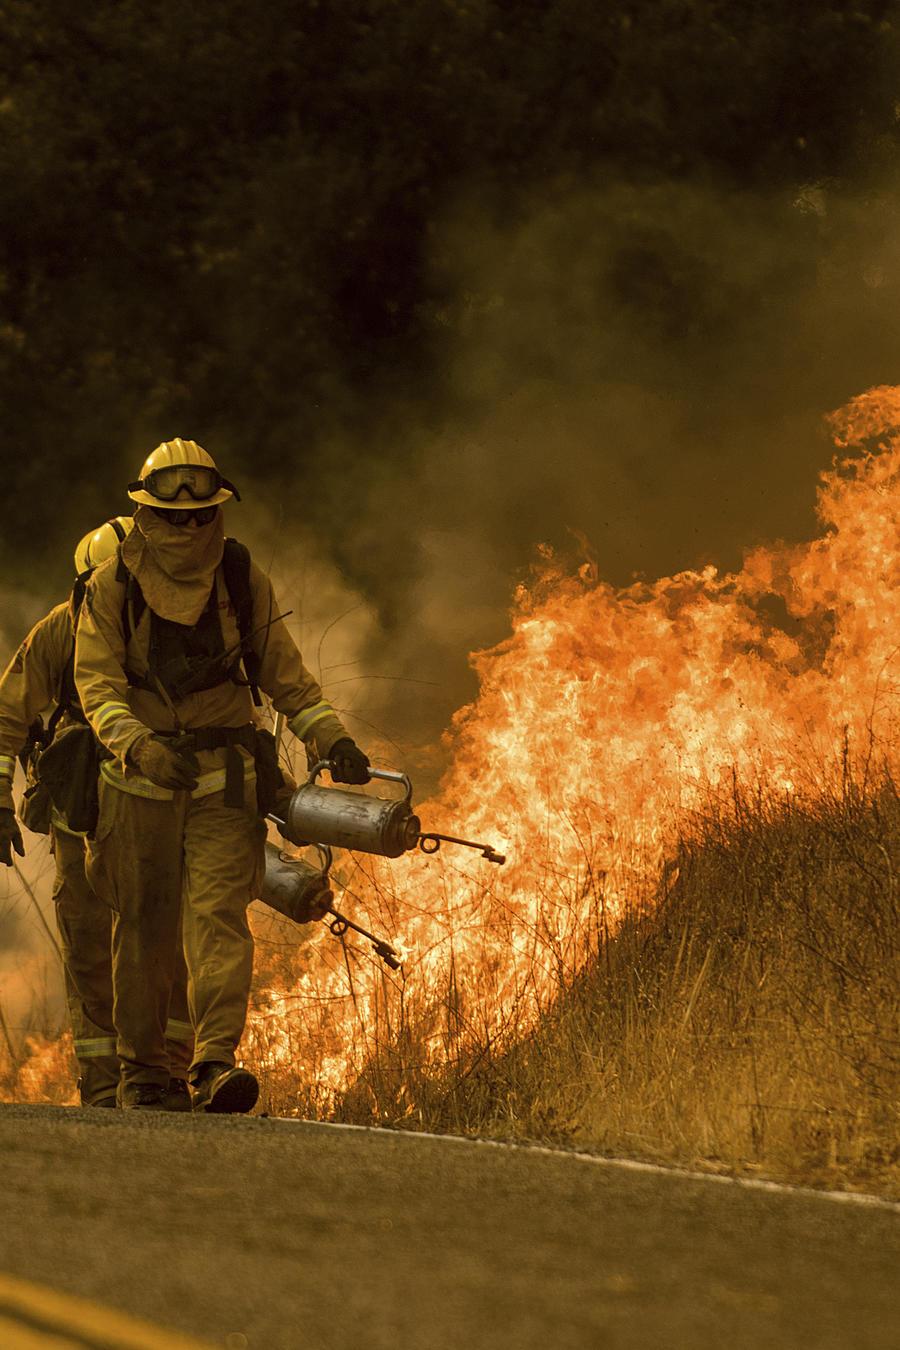 Bomberos tratan de controlar un incendio forestal en un camino de Santa Ana, cerca del condado Ventura, en California.